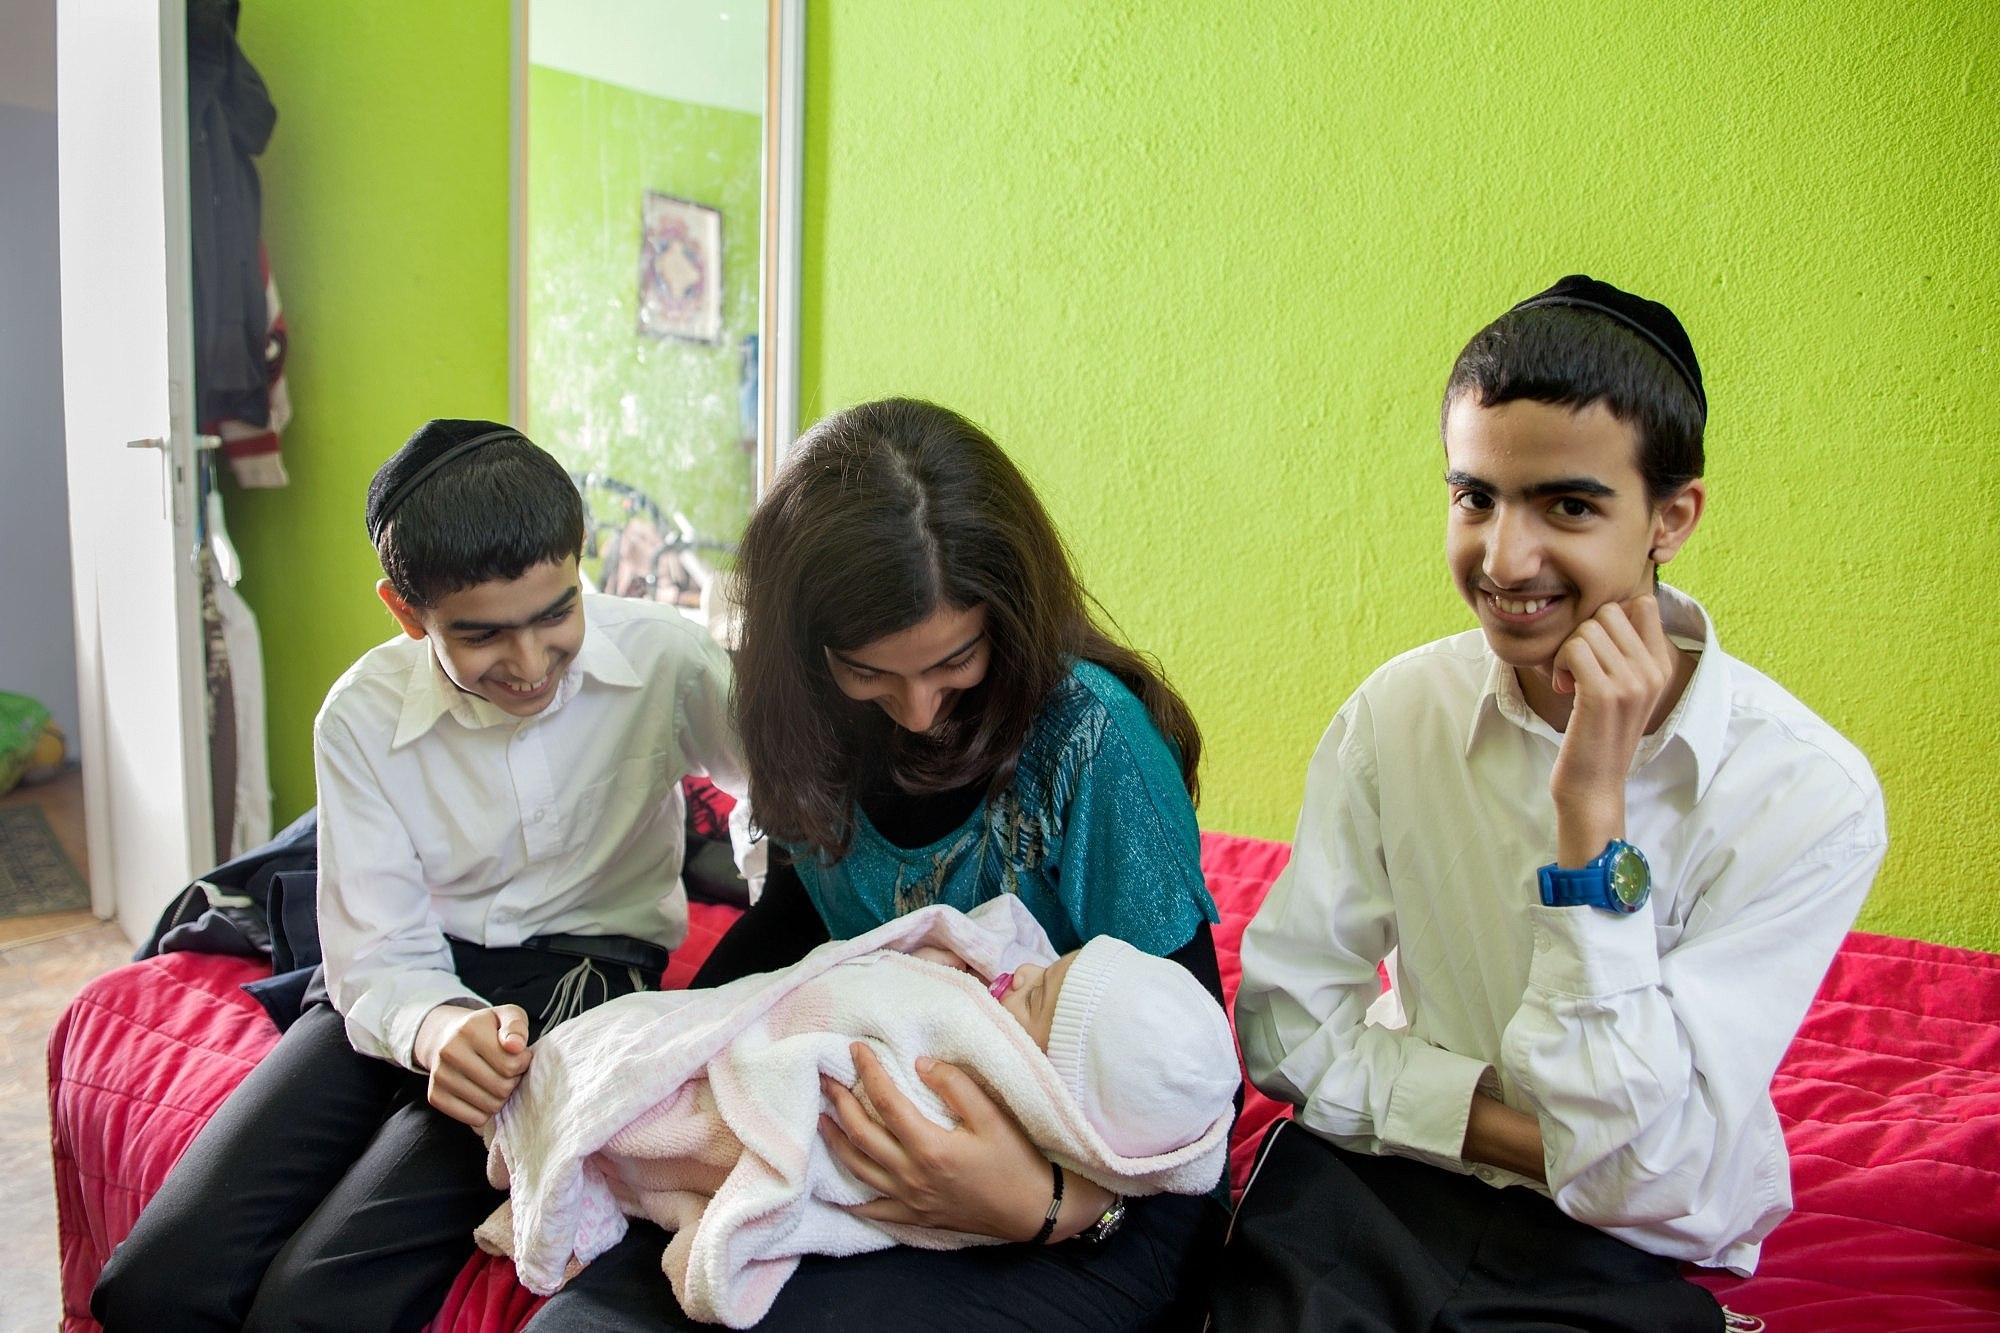 Zwei lächelnde Jungen mit Kippa und Hemd sitzen auf einem Bett, zwischen ihnen eine Frau, die sich über ein Baby beugt.